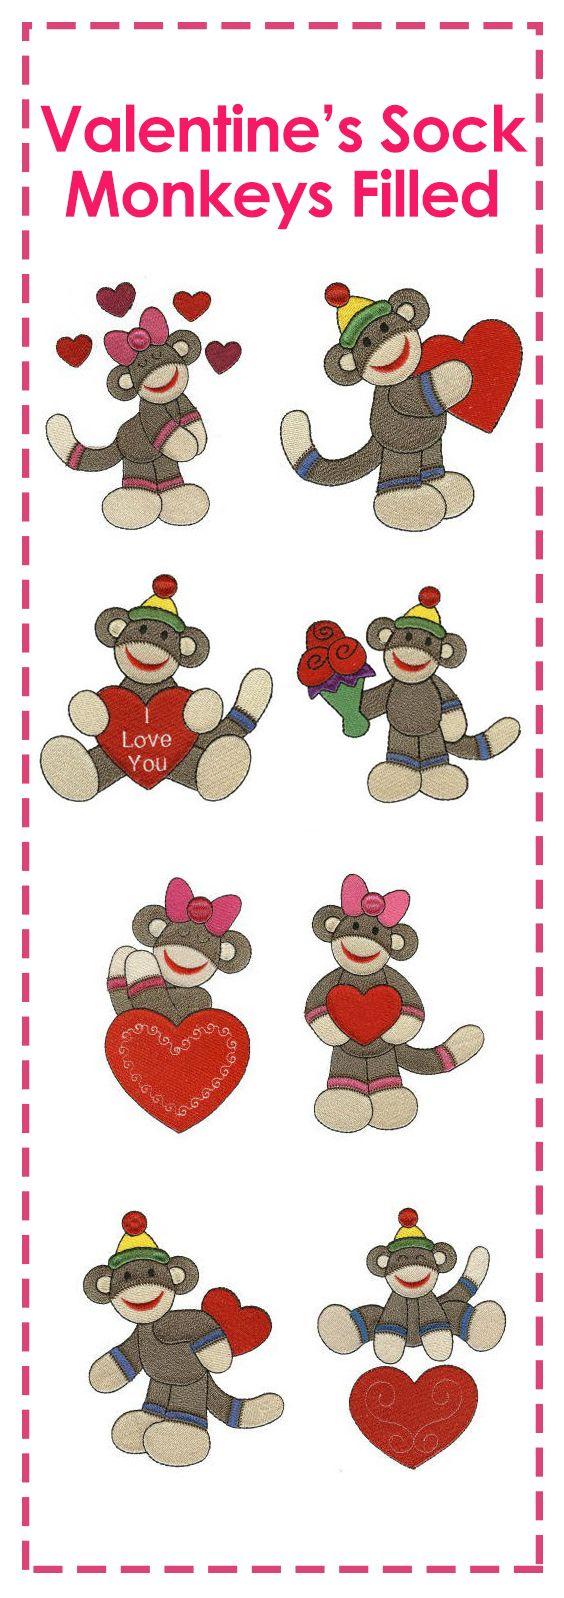 More sock monkeys please!!!!! SO CUTE.